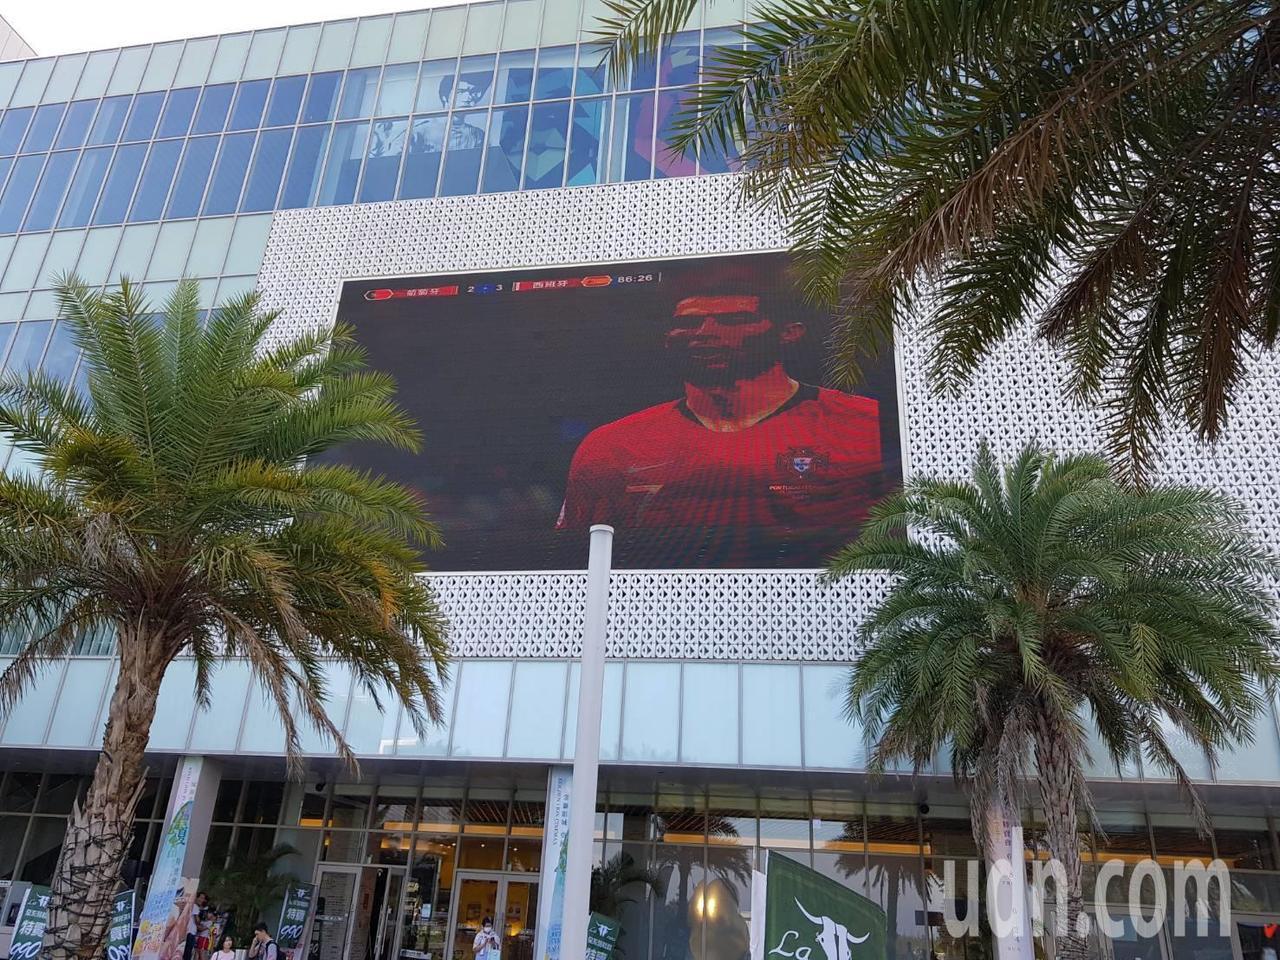 「世界盃足球賽」又來了,台開集團特別取得愛爾達電視轉播權,昨起在金門風獅爺商店街...